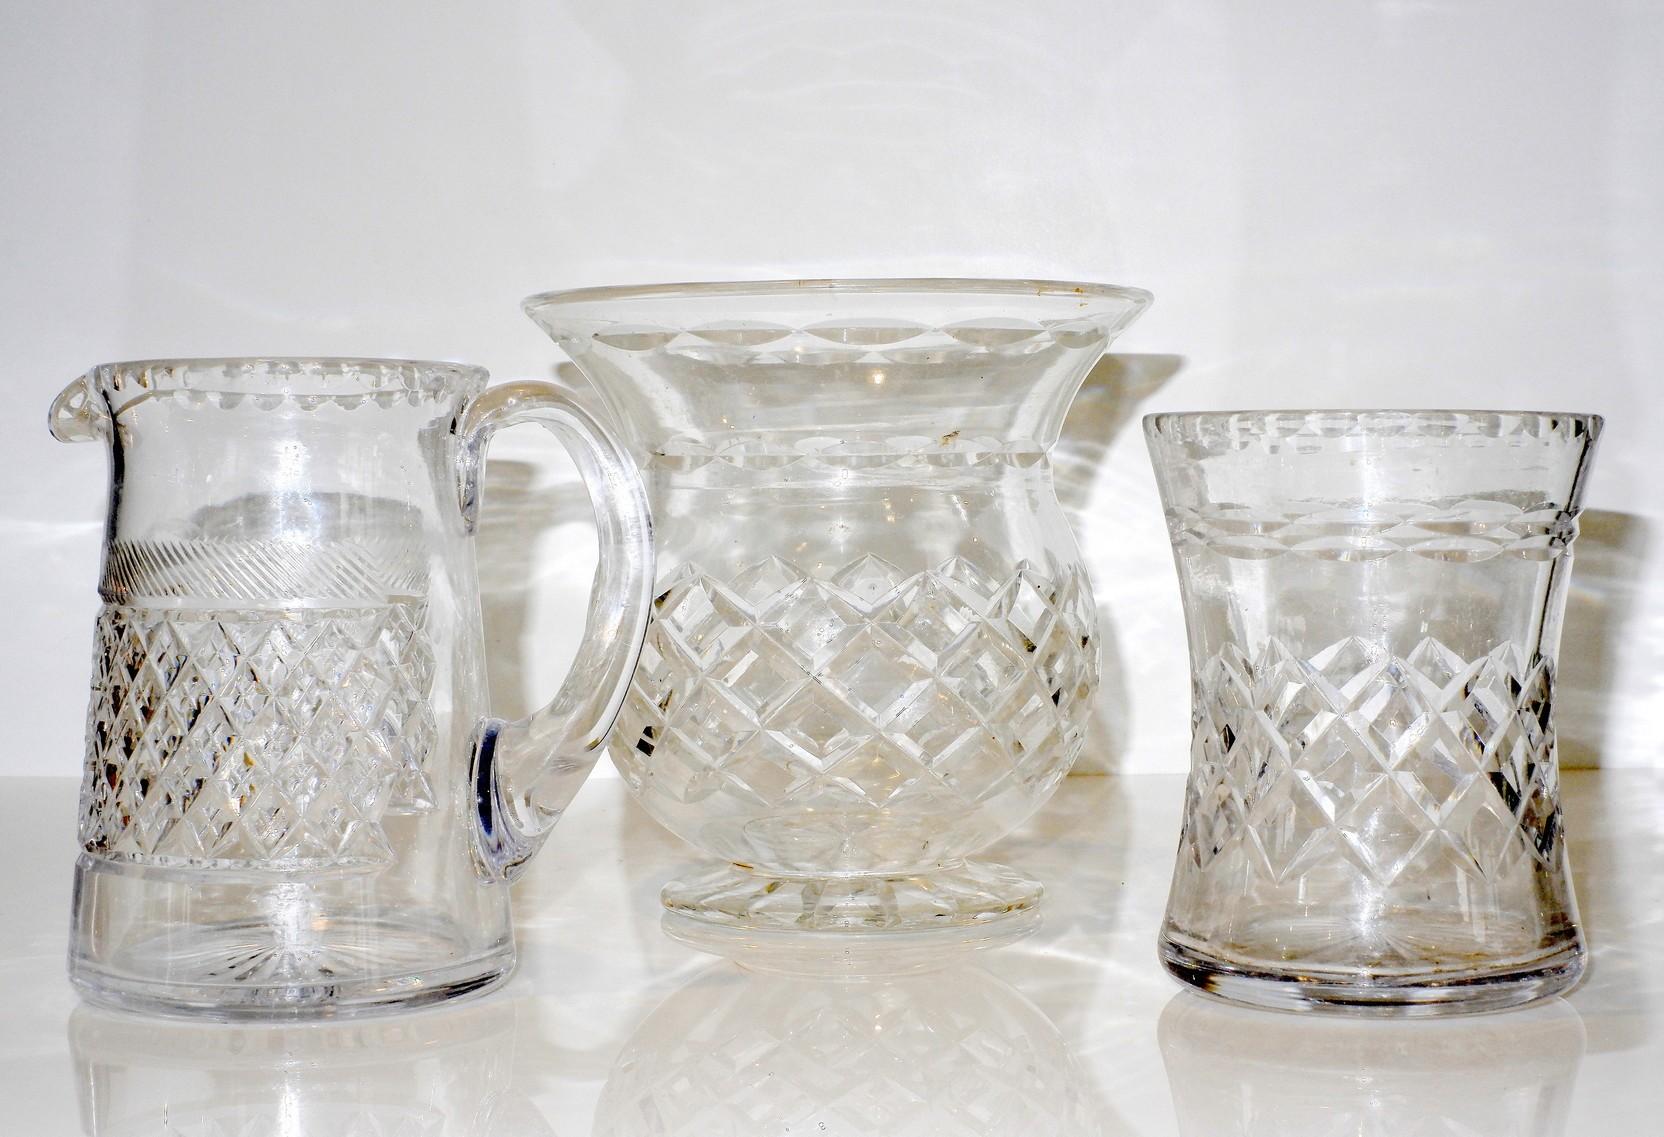 'Three Various English Cut Crystal Wares'